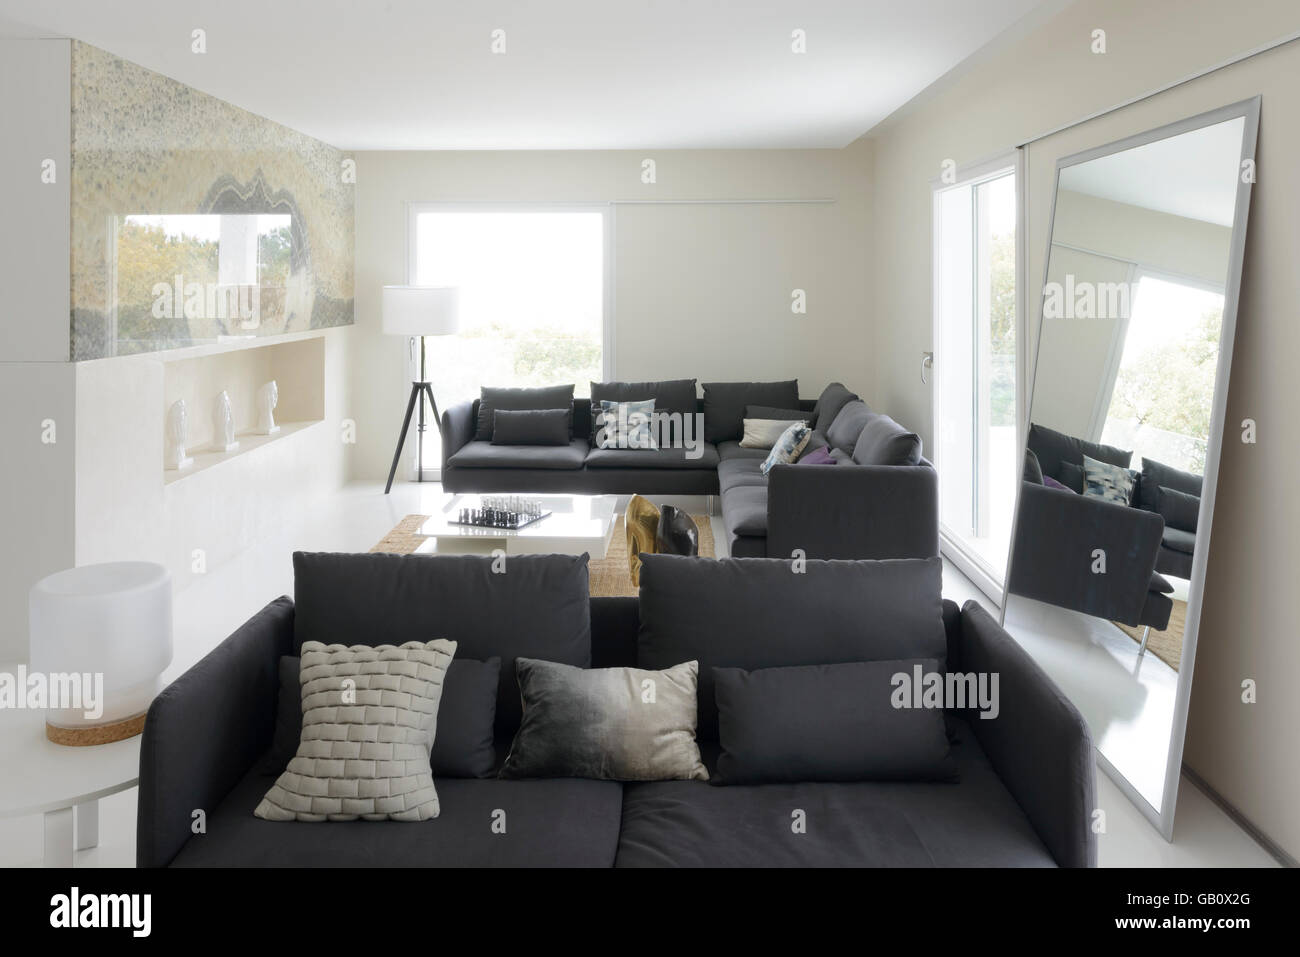 Modernes Wohnzimmer Mit Großen Sofas Und Hellen Großen Fenstern